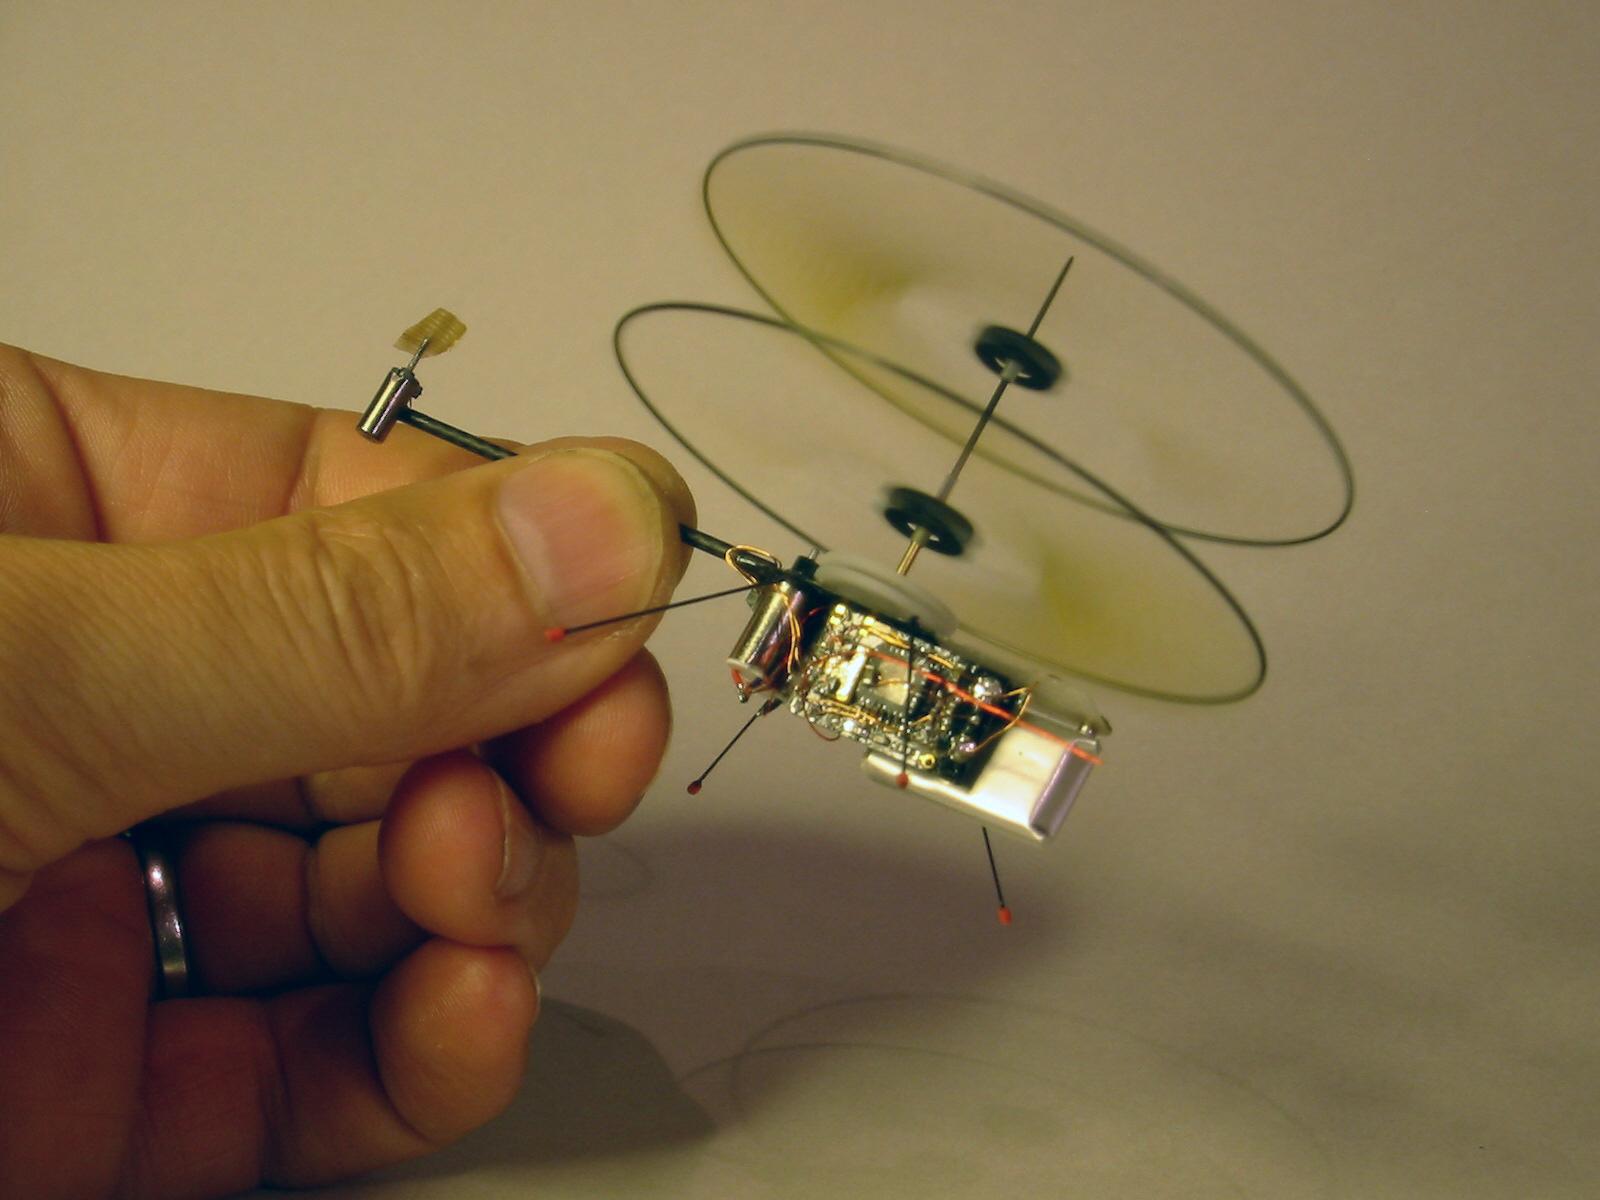 Игрушечная вертолет своими руками